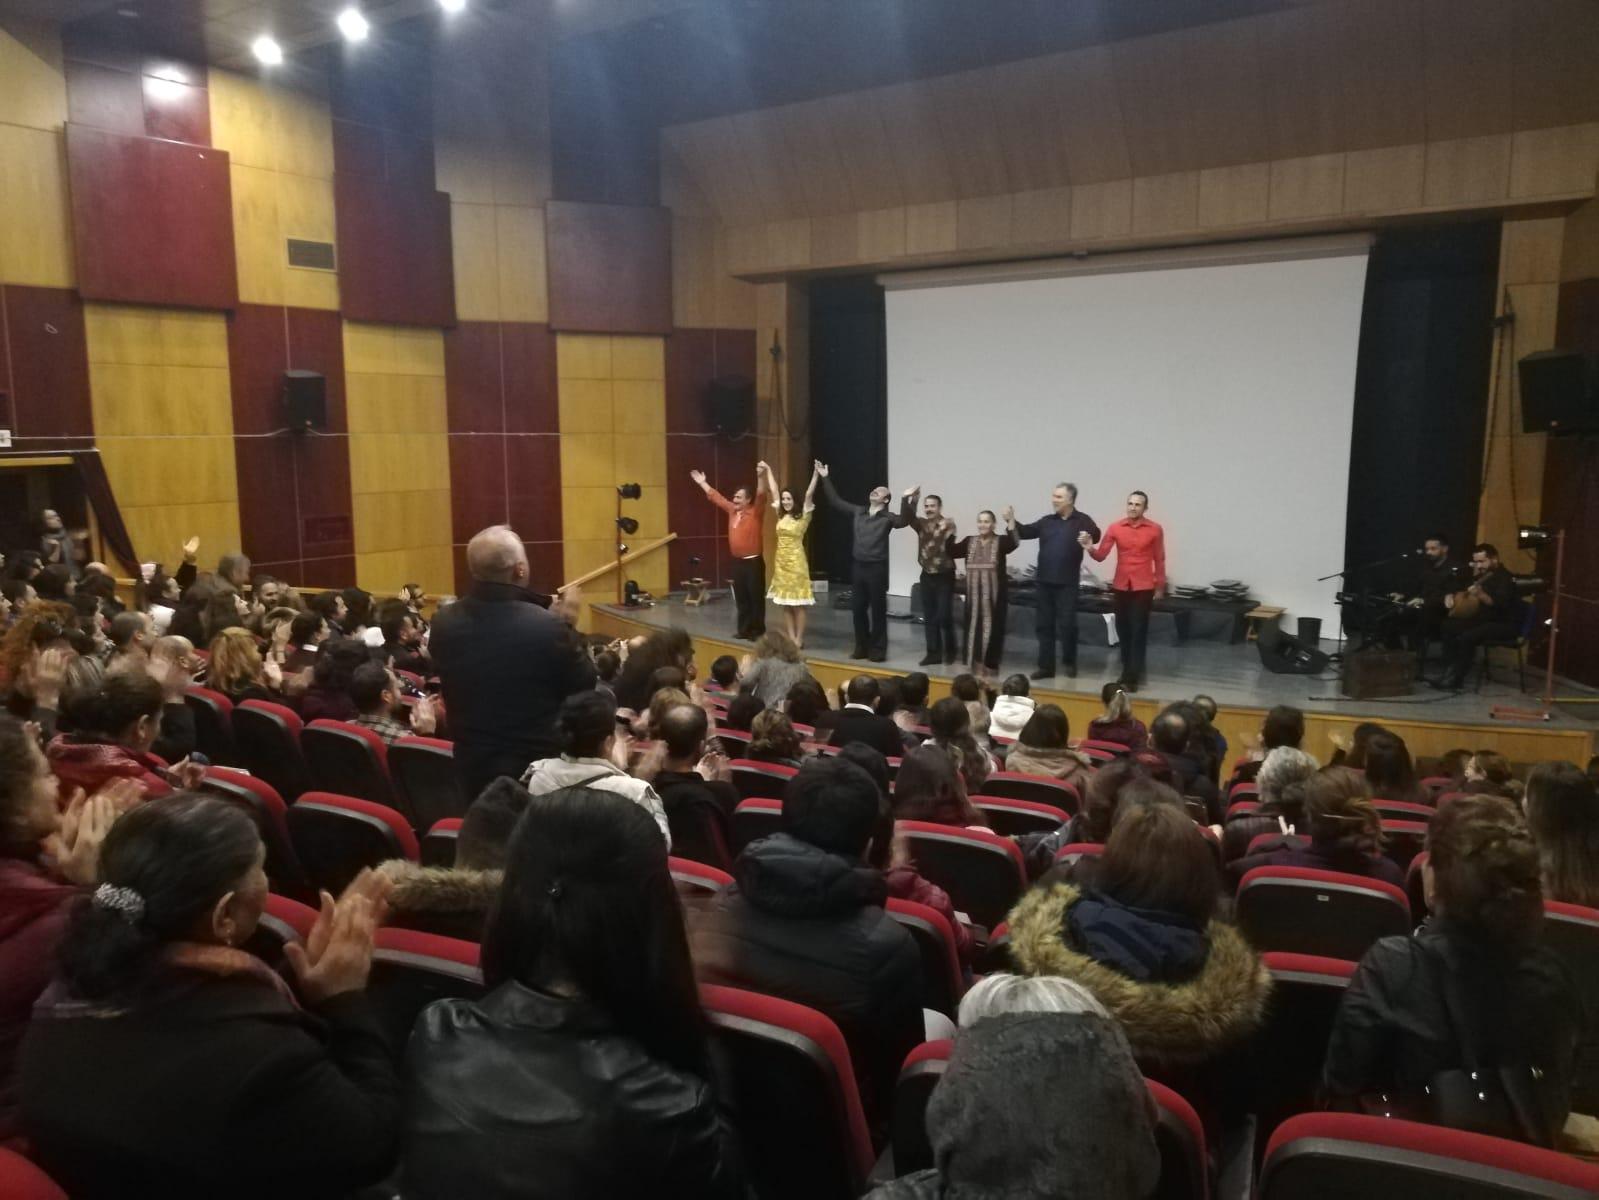 Dersim'de İhraçlarla Dayanışma İçin Tiyatro Gösterimi Düzenlendi